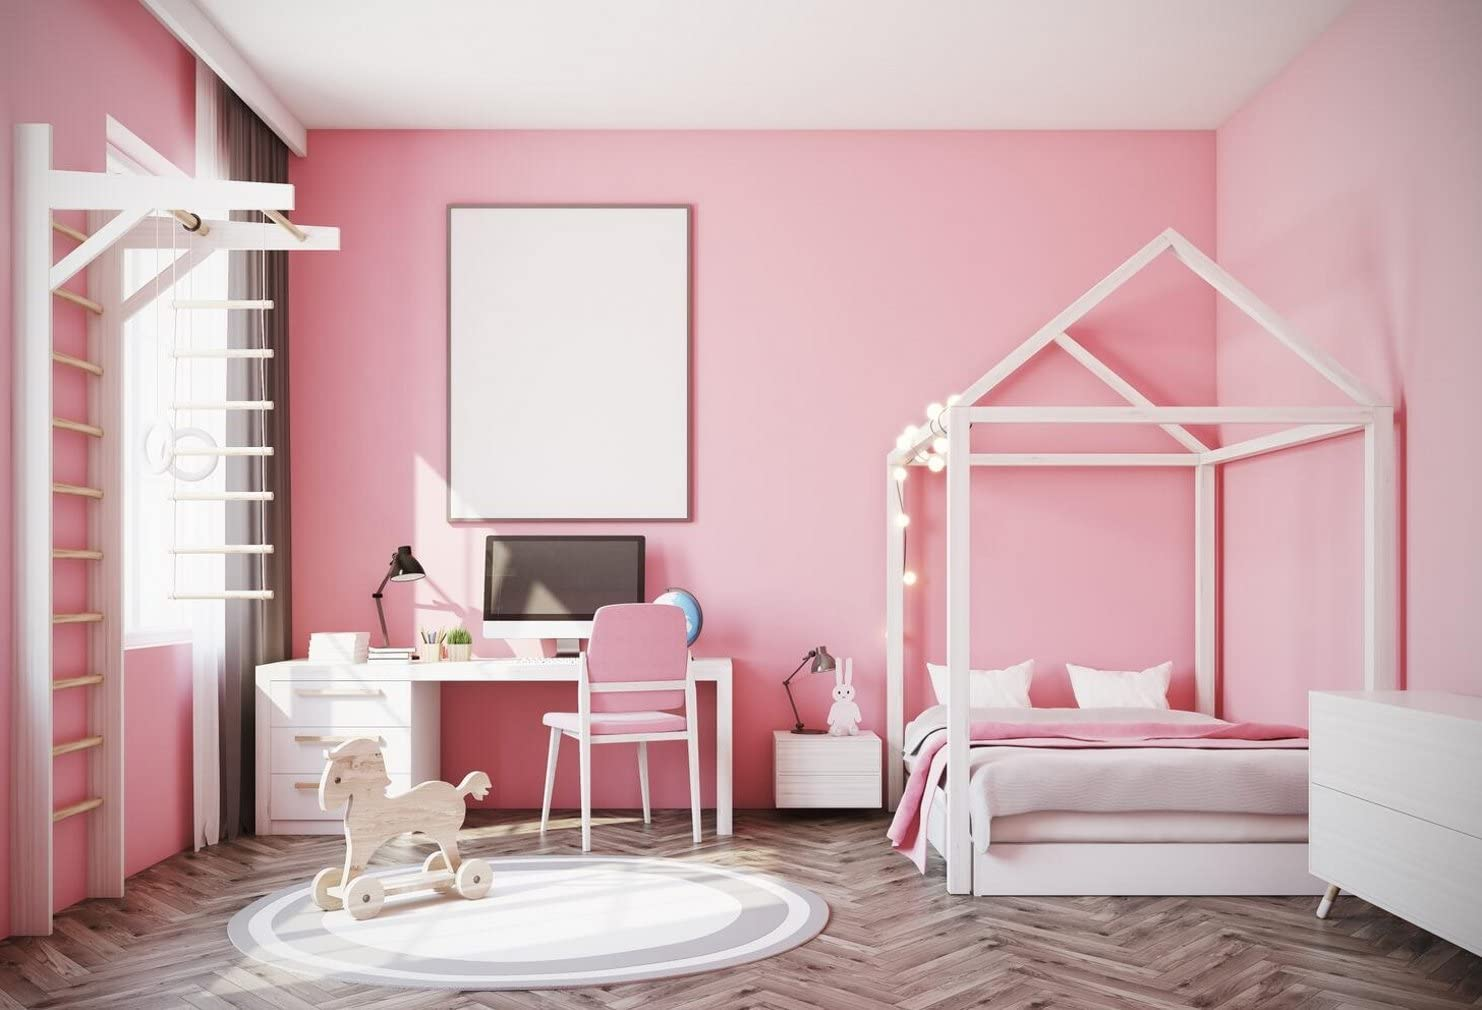 décoration de la chambre pour enfant